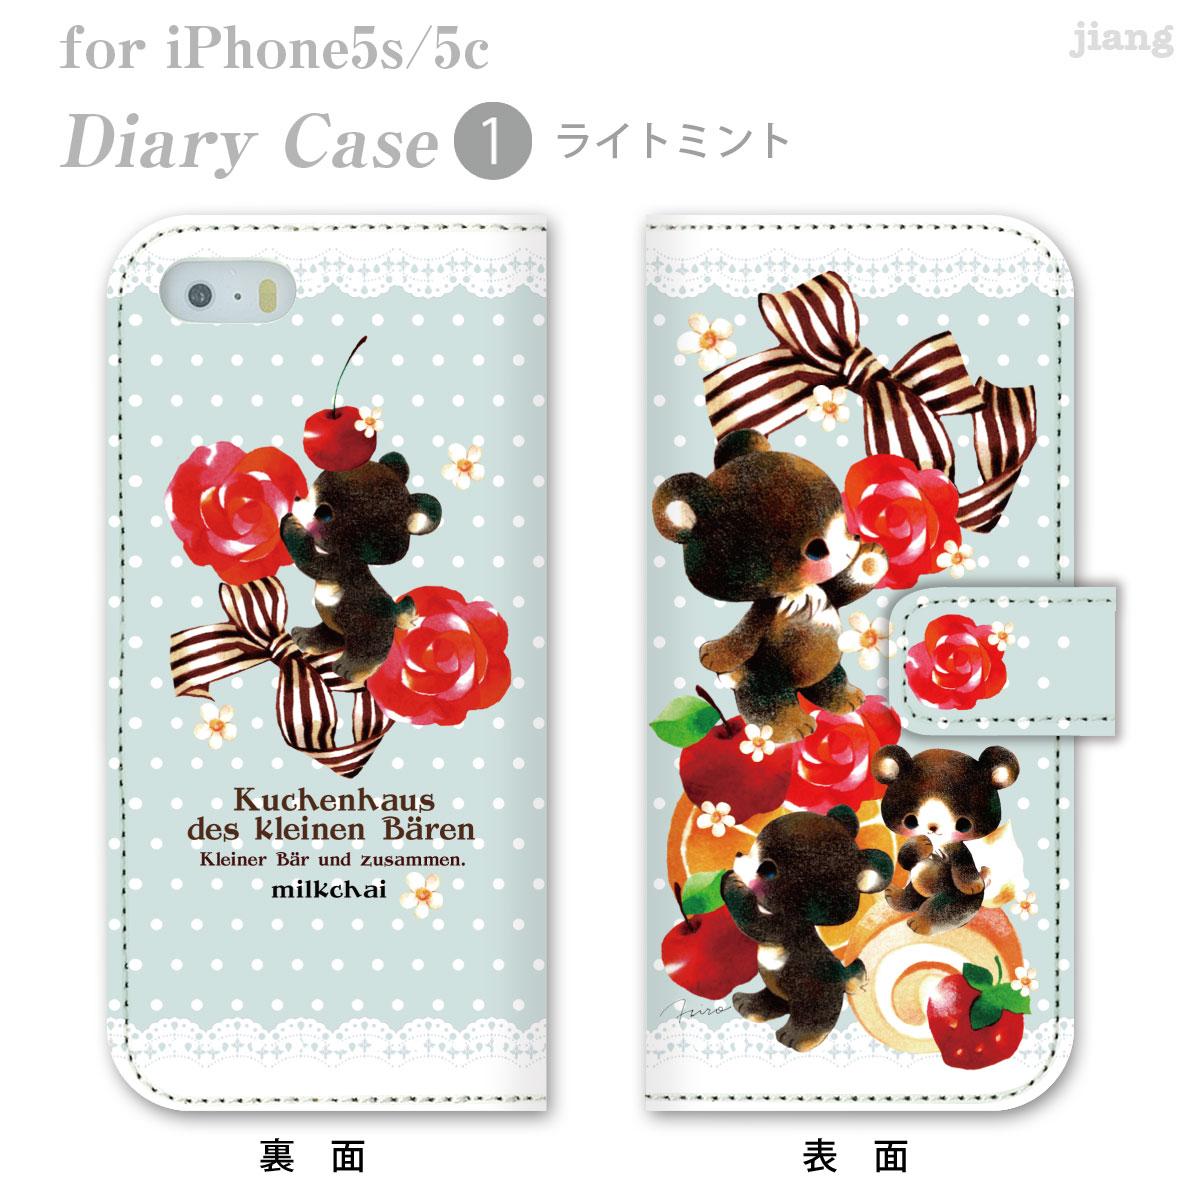 スマホケース 手帳型 全機種対応 手帳 ケース カバー iPhone7ケース iPhone7 iPhone6s iPhone6 Plus iPhone SE iPhone5s Xperia XZ SO-01J X Performance SO-04H Z5 Z4 Z3 SO-02H SOV34 かわいい おしゃれ きれい milkchai こぐまフルーツ 30-ip5-ds0004-zen